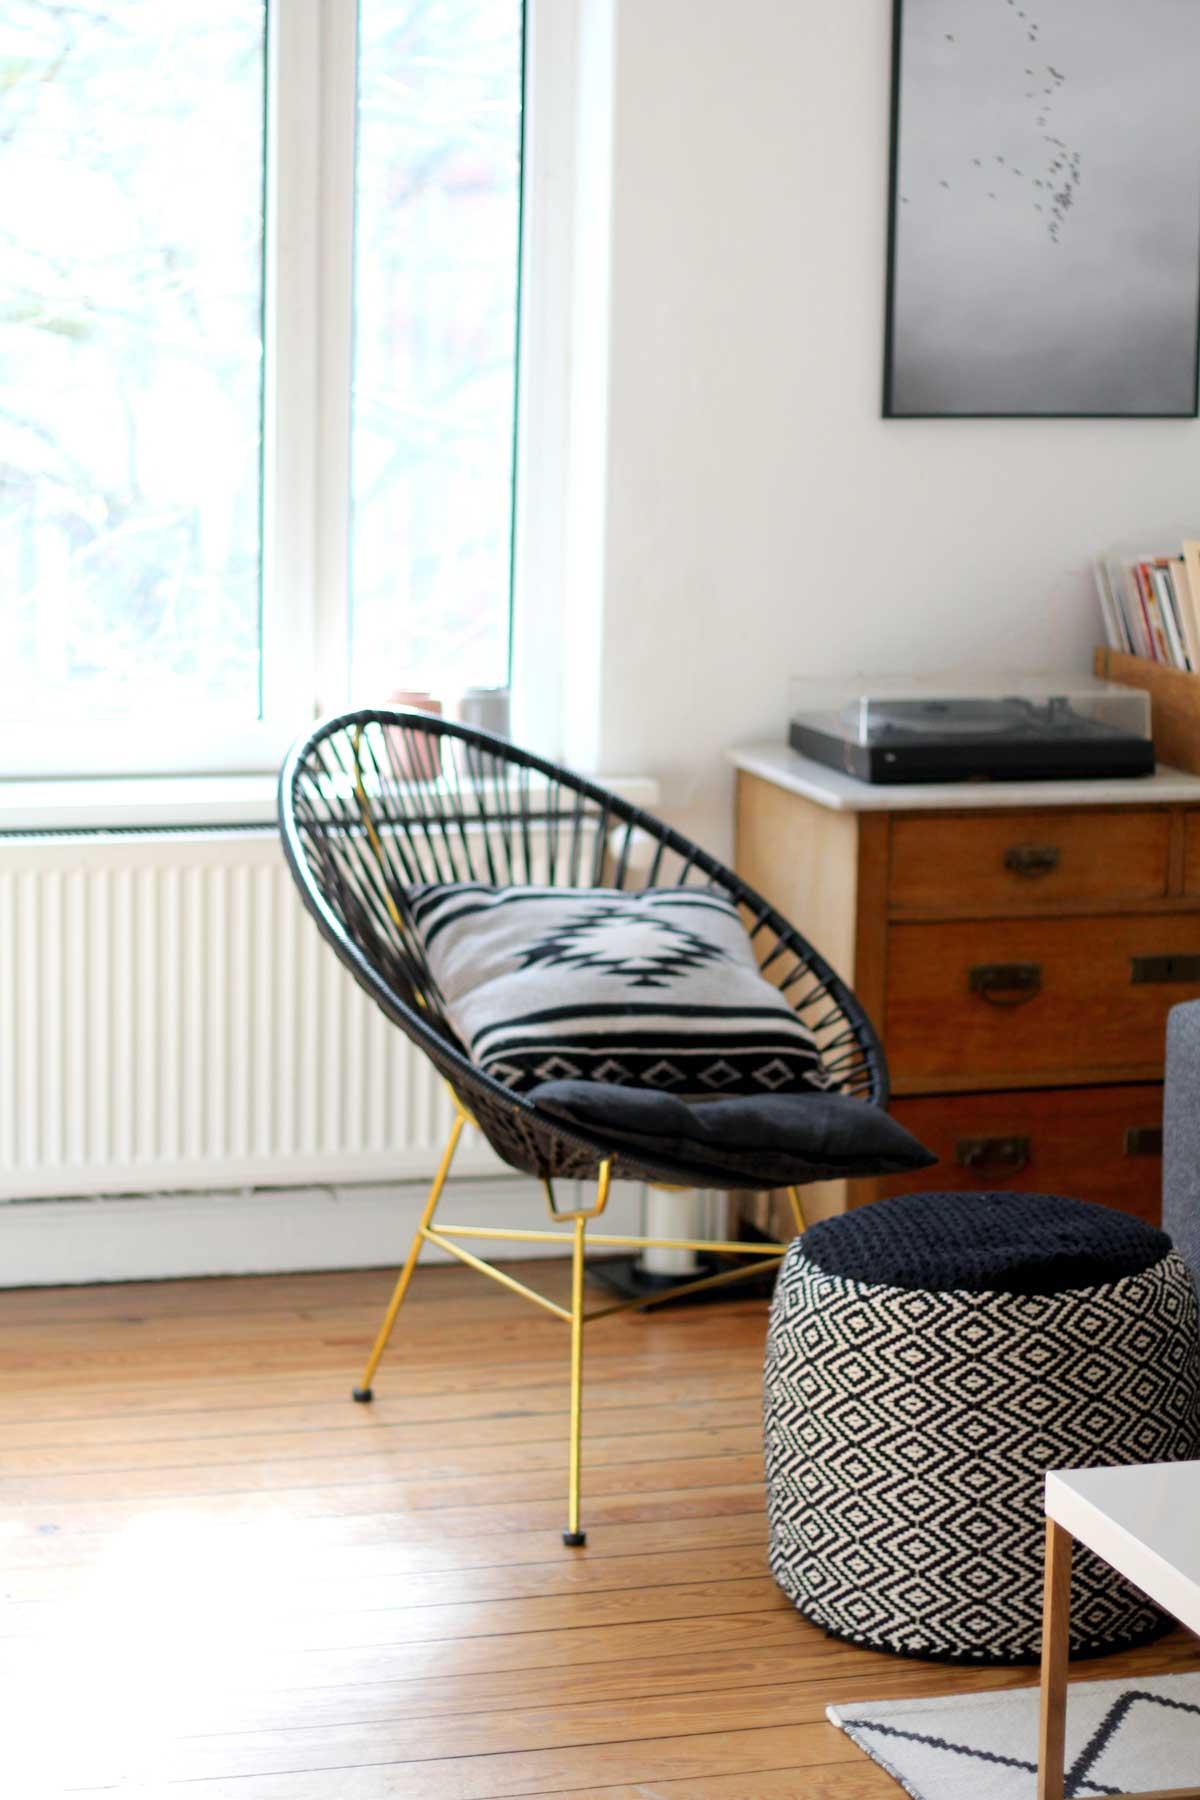 Acapulco Chair, Lieblingsecke von Ines aus Ottensen, hamburg von innen